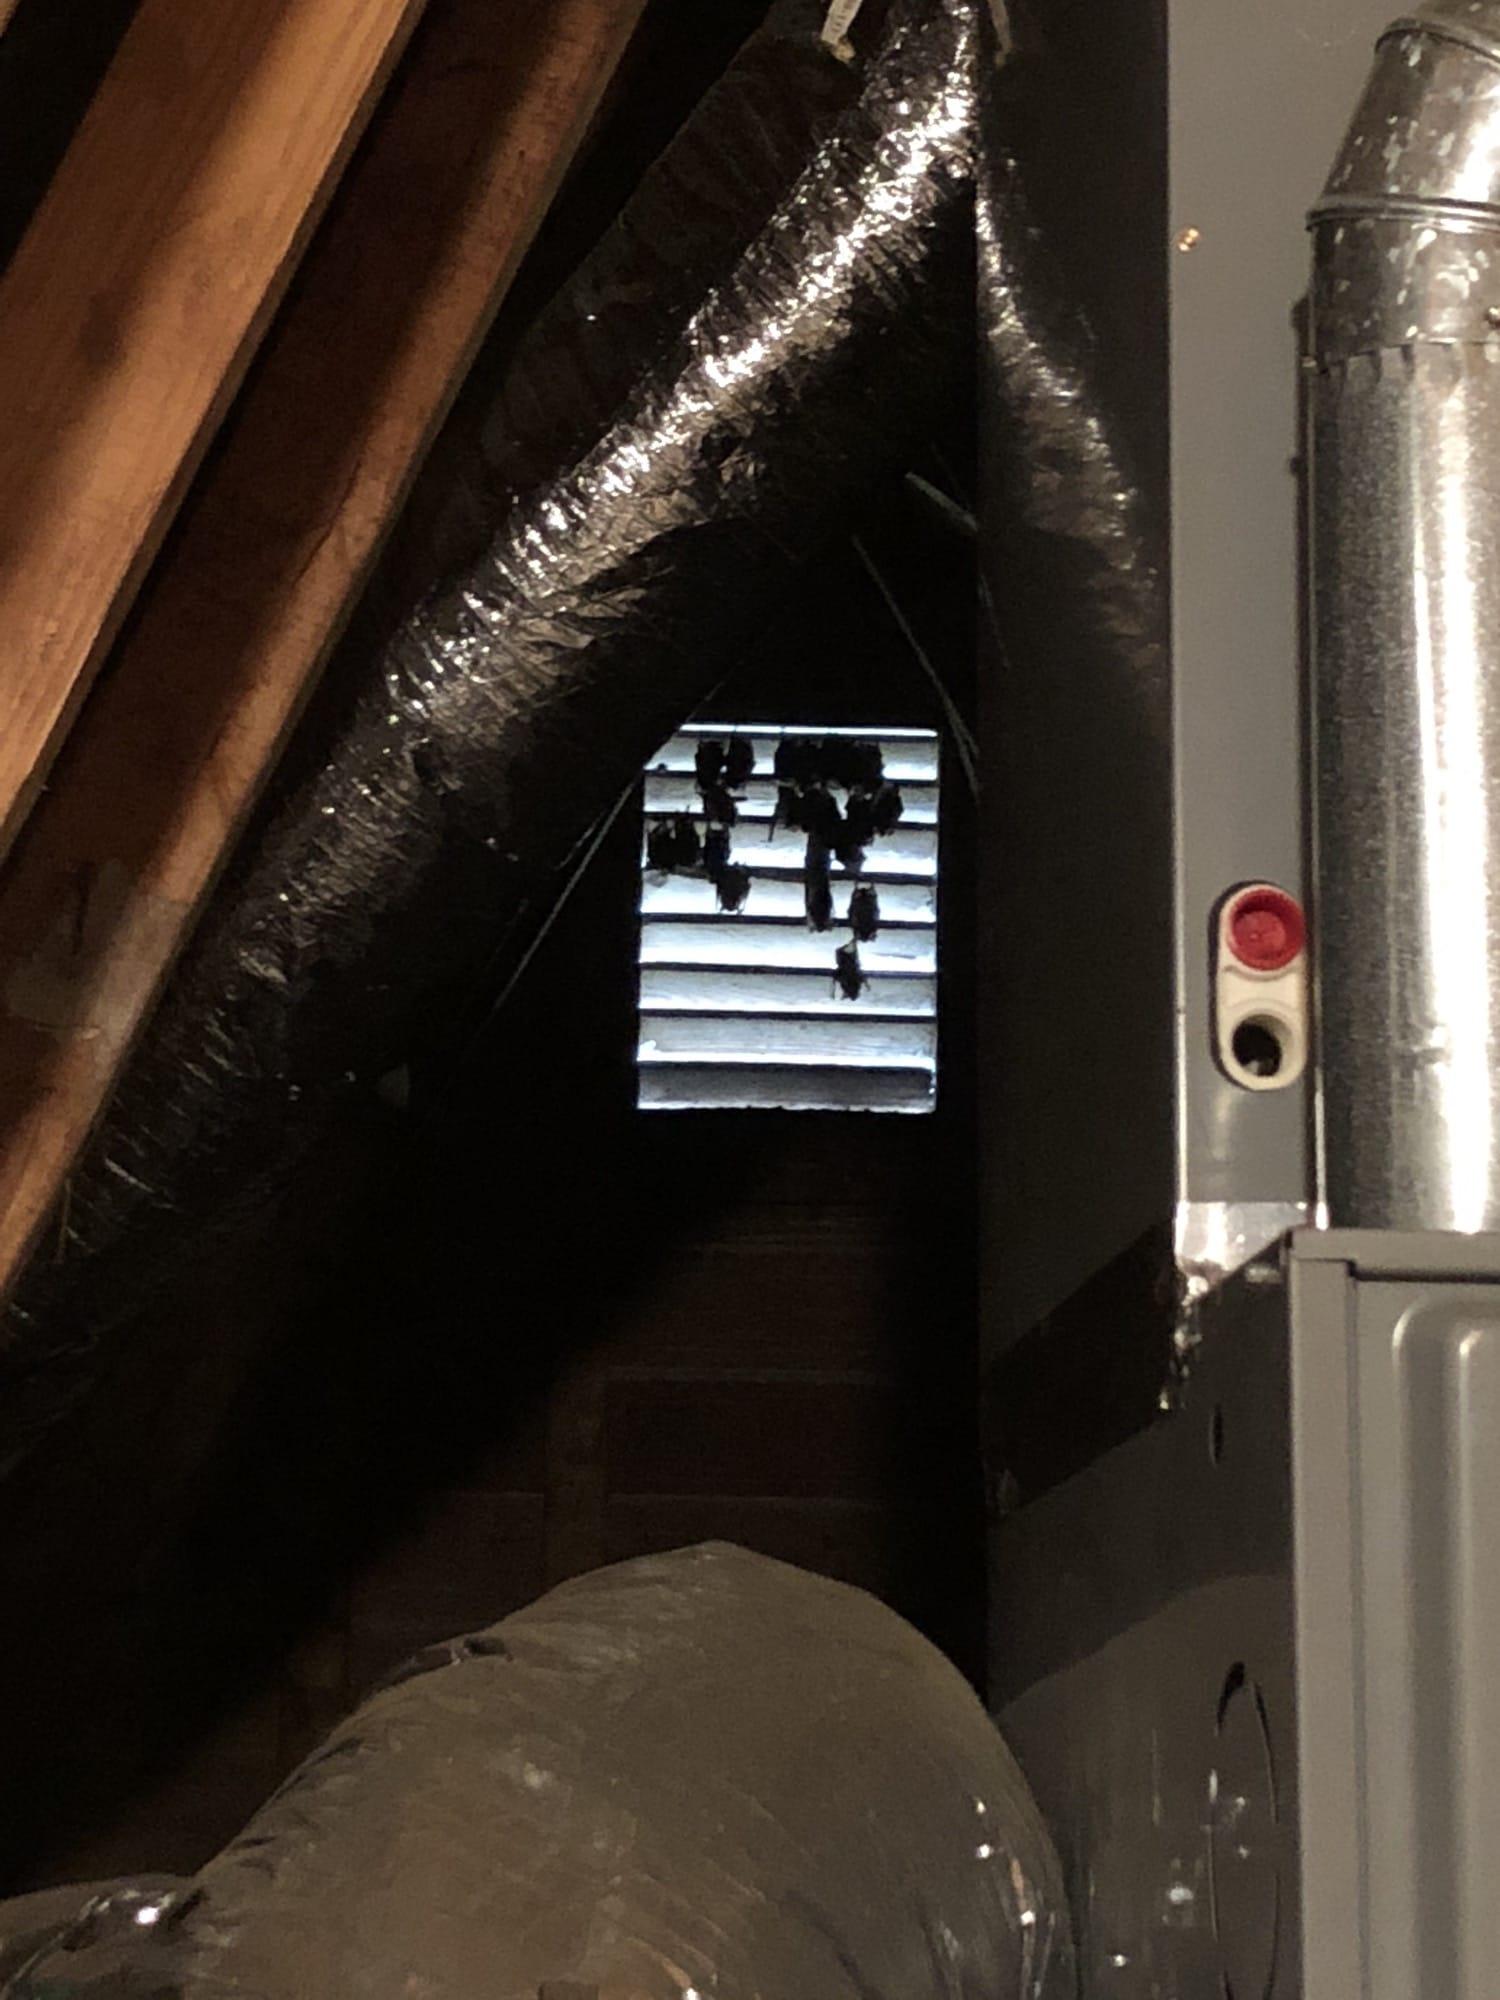 our friendly attic bats